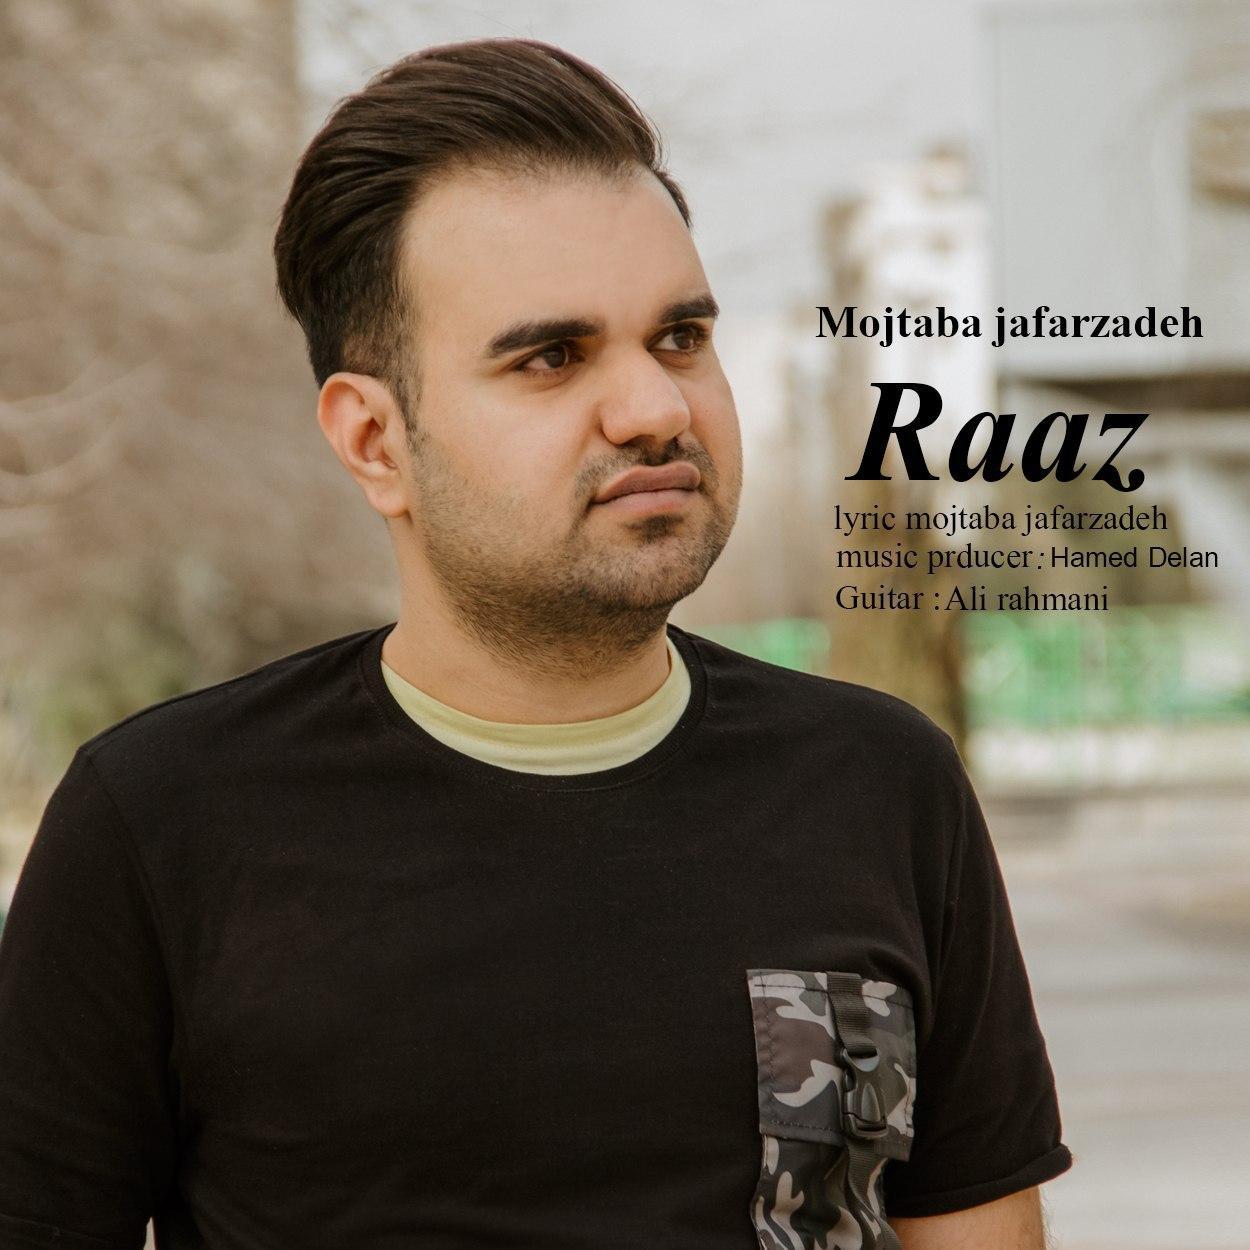 Mojtaba Jafarzadeh – Raaz